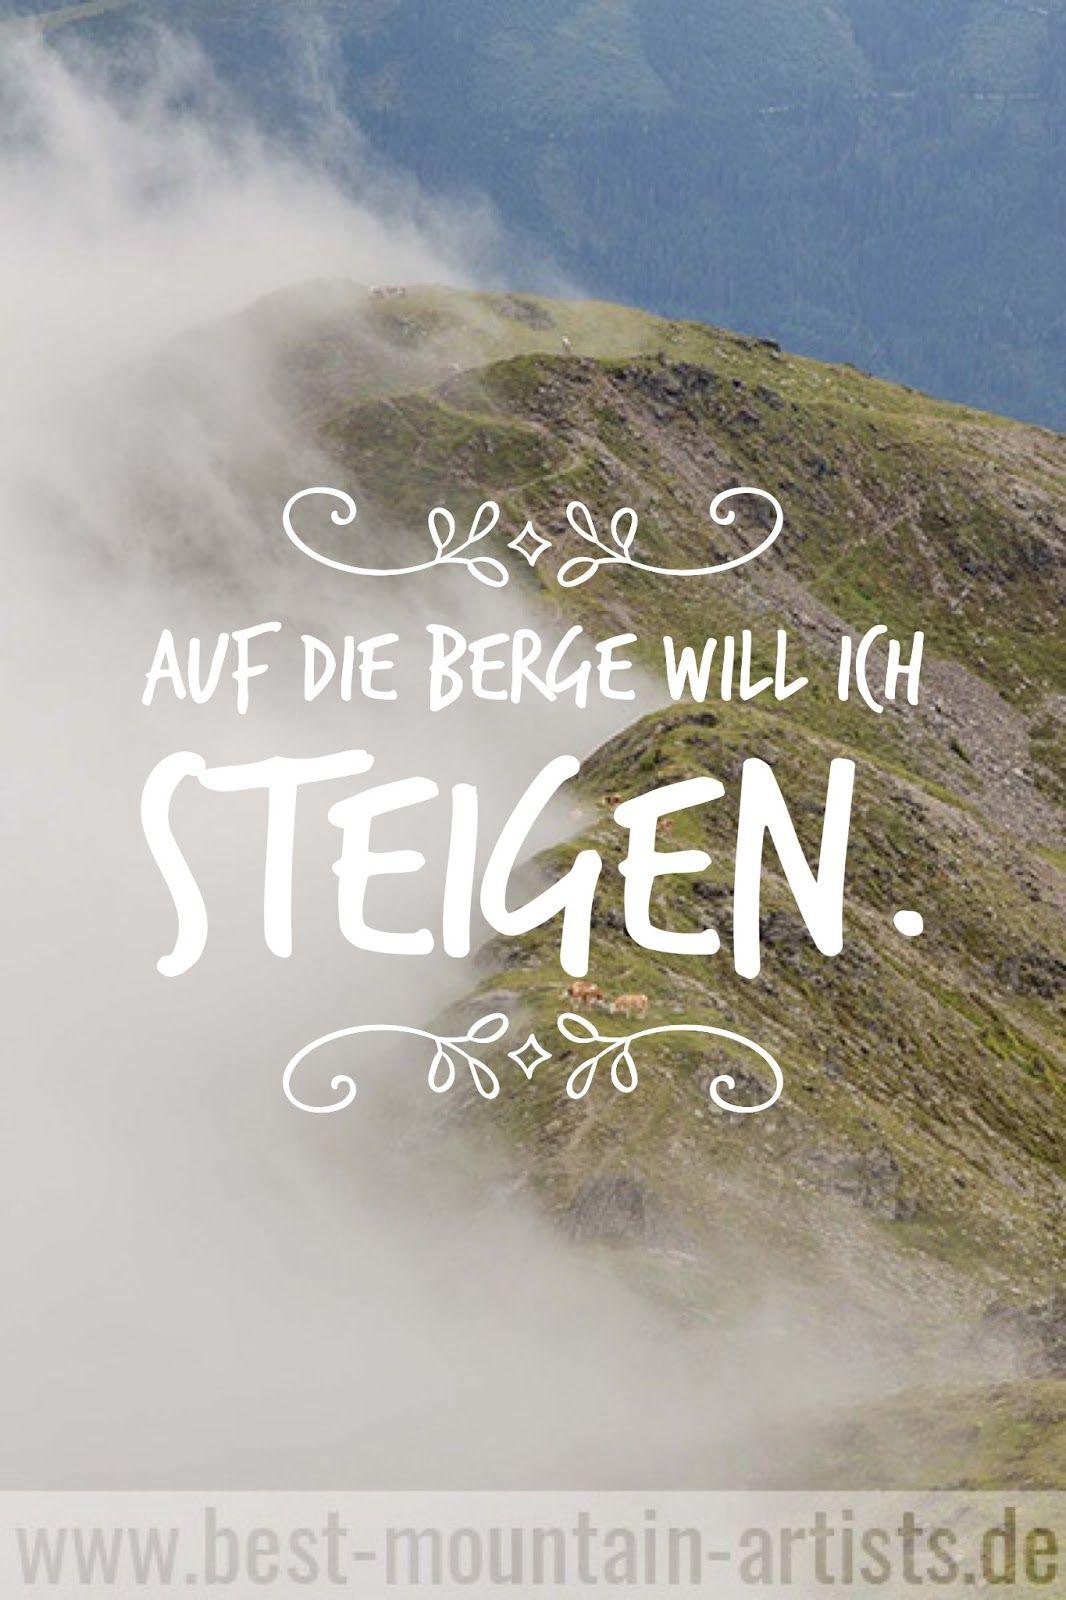 Die 100 Besten Wanderzitate Zitat Wand Berge Sprüche Und